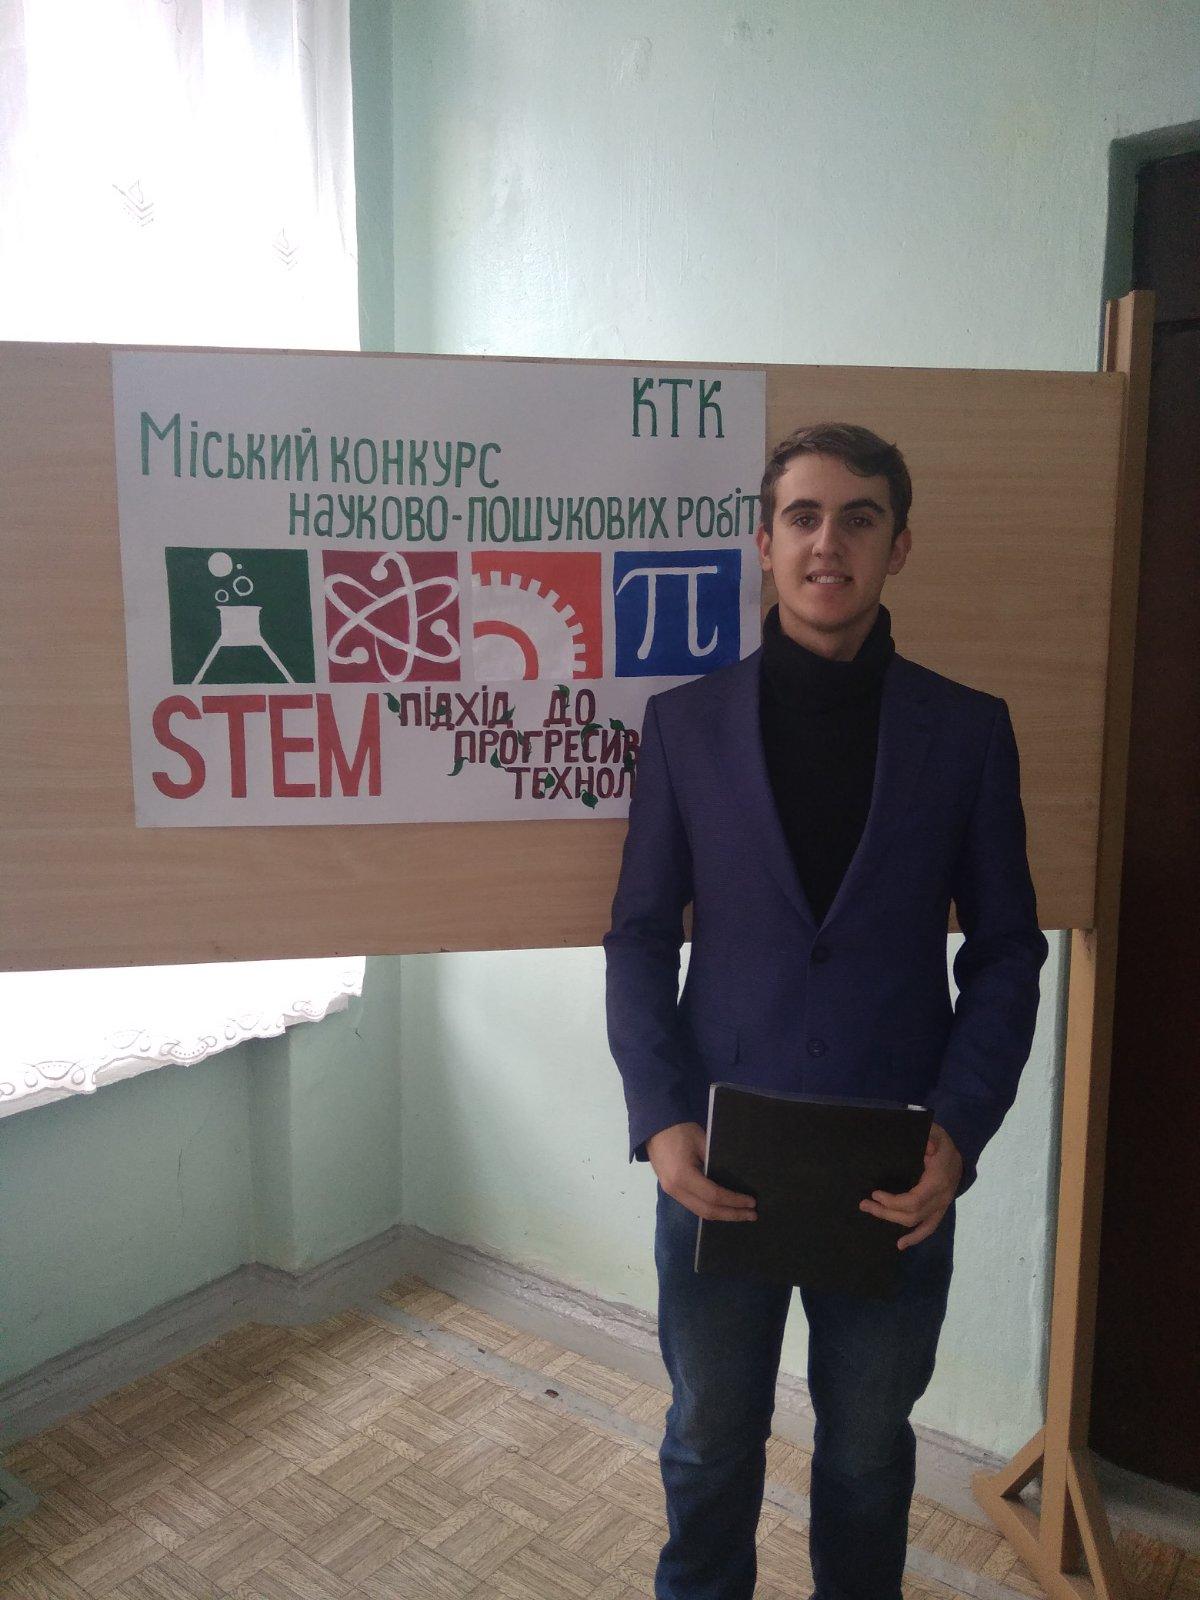 STEM – підхід до прогресивних технологій